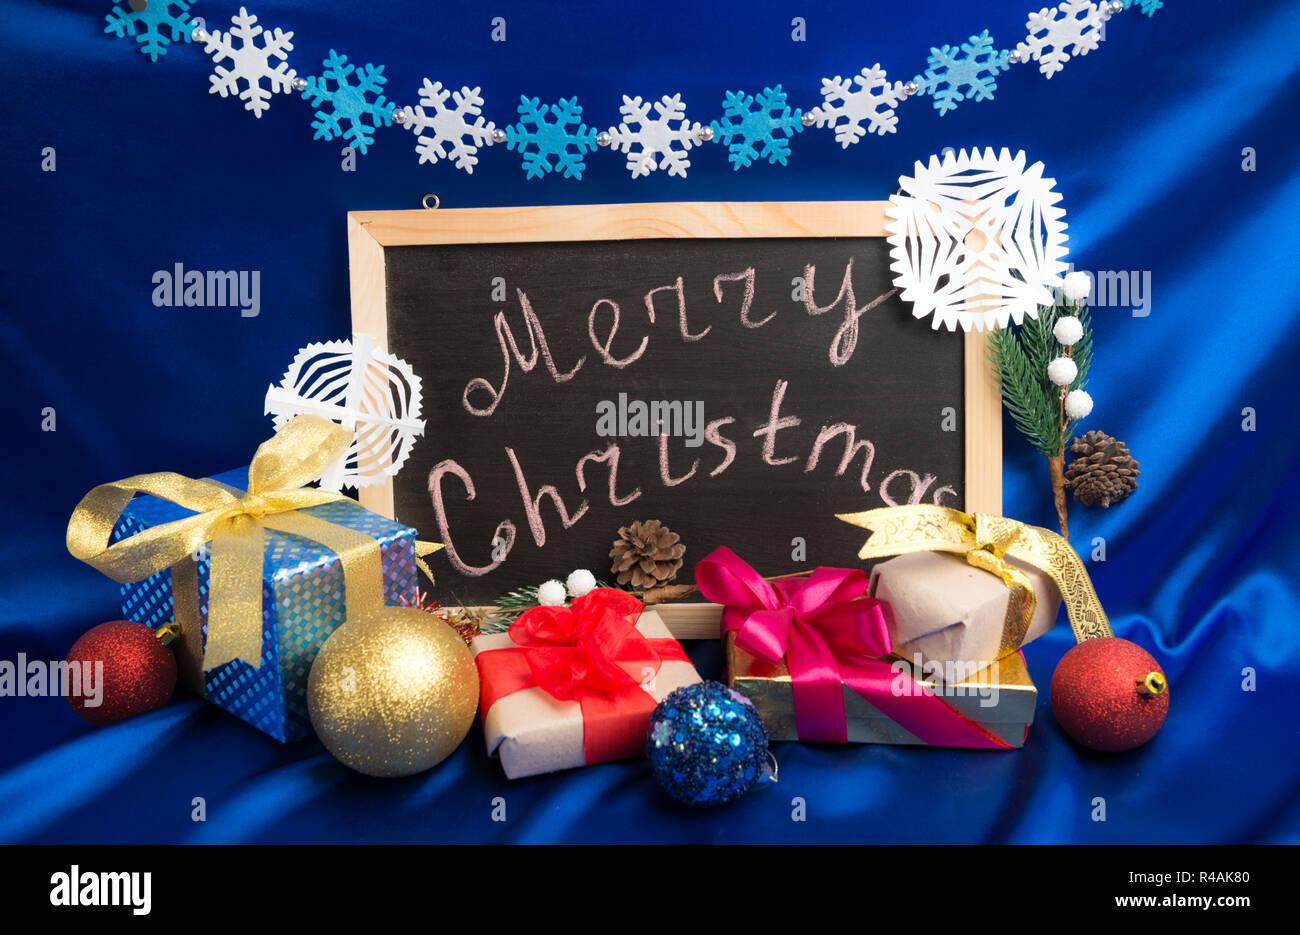 Gruß an Weihnachten, am schwarzen Brett um geschenkboxen und immergrünen Dekorationen auf blauer Seide Hintergrund Stockbild